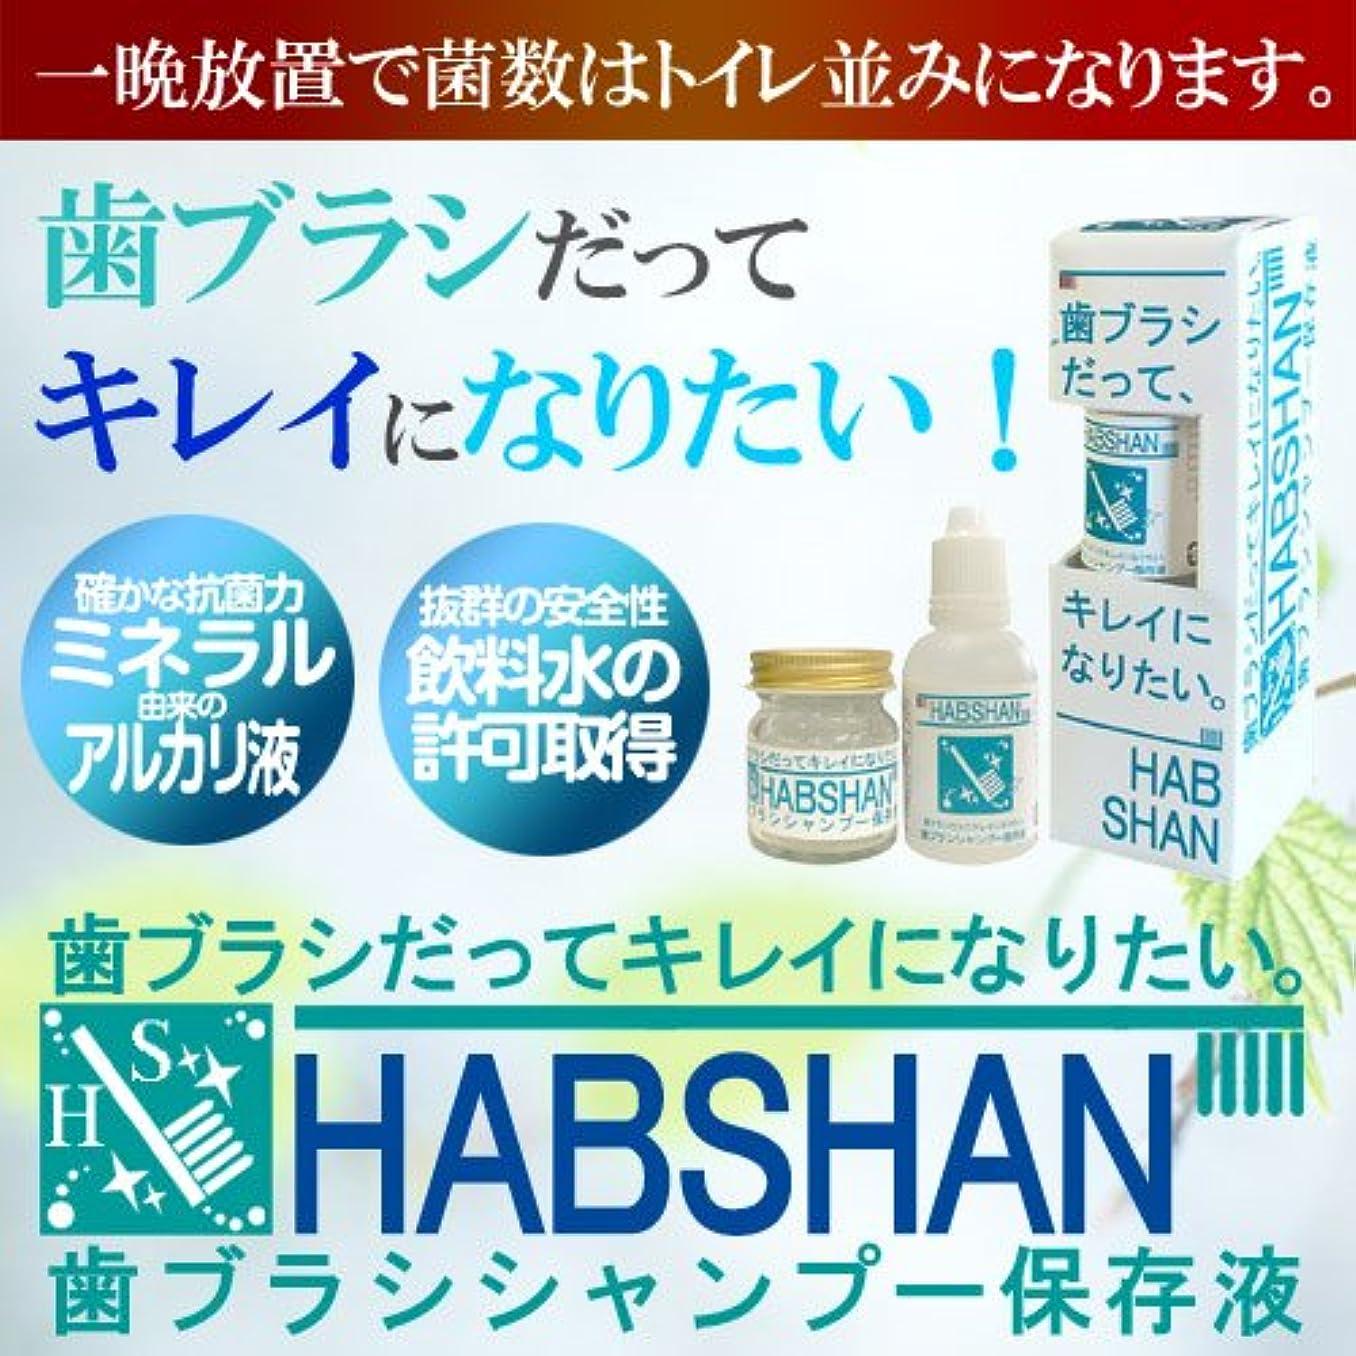 回転疫病ハイランドHABSHAN ハブシャン 歯ブラシ 洗浄 汚れ 菌 ケア 綺麗 臭い 匂い におい ニオイ 保存液 手入れ